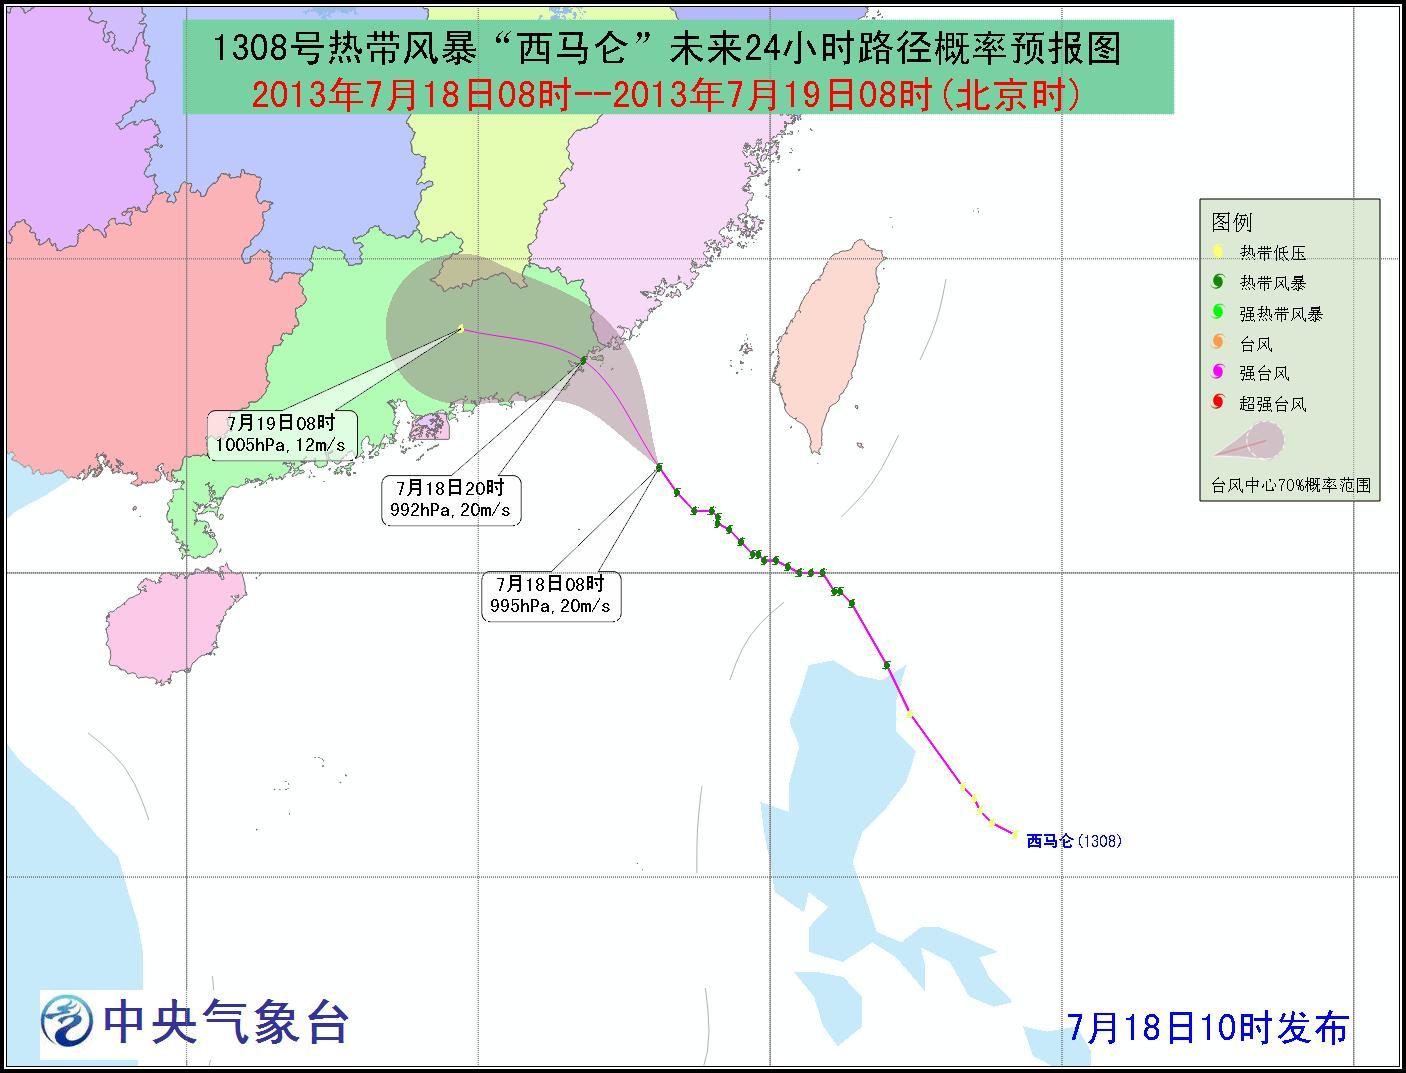 2013年第八号台风西马仑最新路径图实时动态更新